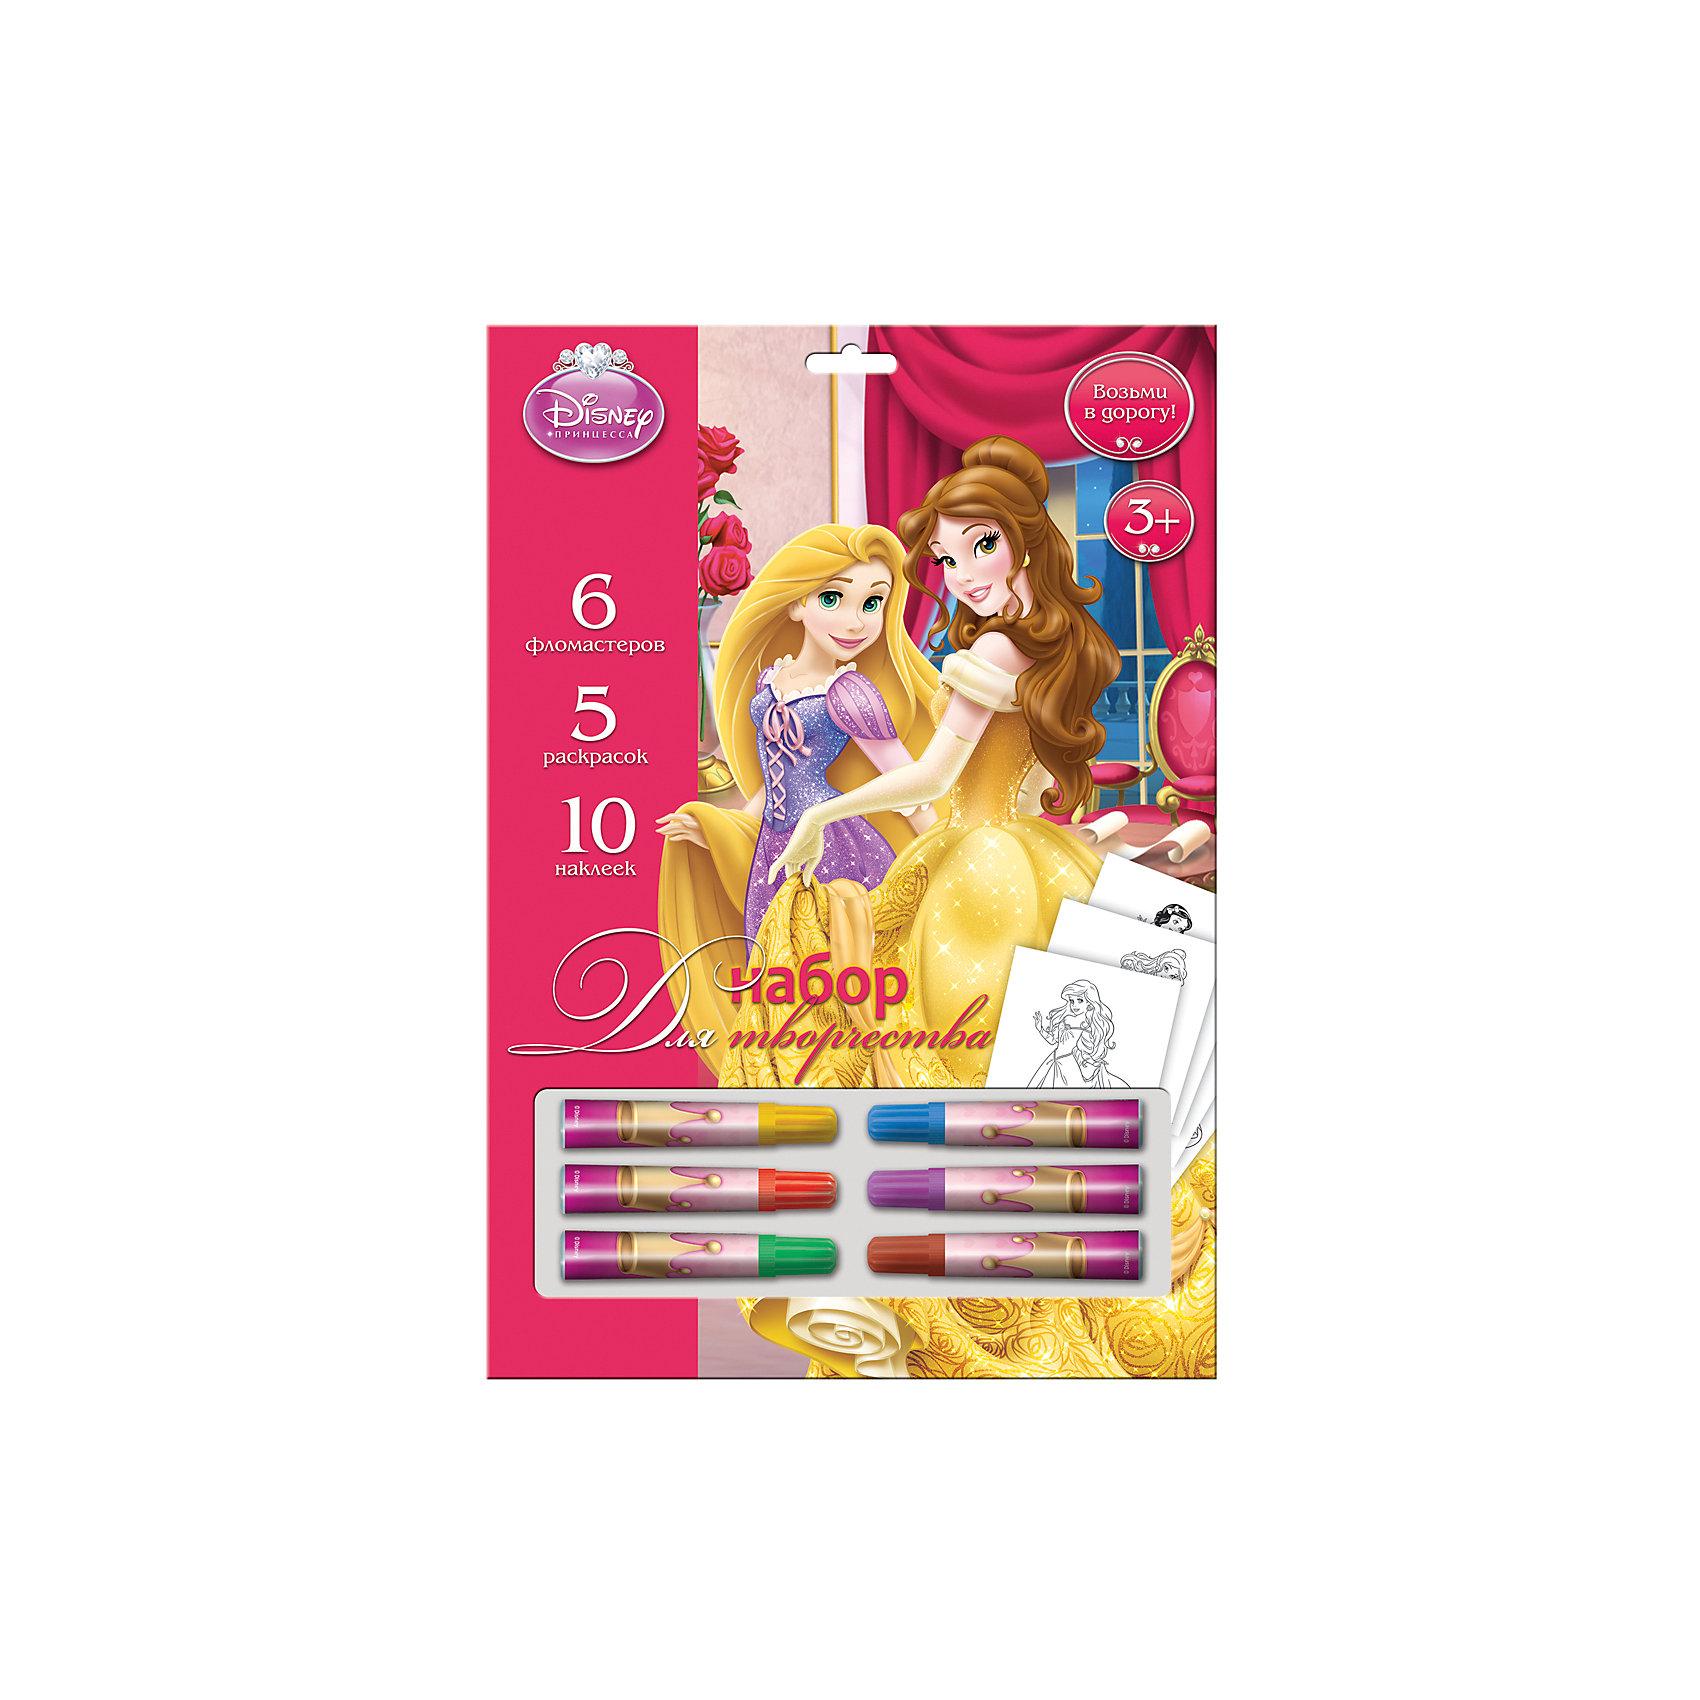 Набор для рисования Принцессы ДиснейПринцессы Дисней<br>Набор для рисования Принцессы Дисней, Limpopo (Лимпопо)<br><br>Характеристики:<br><br>• раскраски с персонажами мультфильмов Дисней<br>• яркие цвета<br>• в комплекте: 5 раскрасок, фломастеры (6 шт.), 10 наклеек<br>• размер упаковки: 25х2х33 см<br>• вес: 170 грамм<br><br>Набор для рисования Принцессы Дисней порадует юную художницу. В него входят фломастеры, несколько раскрасок с изображением любимых героев мультфильмов и наклейки. Девочка сможет оживить картинку яркими цветами и дополнить ее наклейками. С таким набором проявить фантазию очень просто!<br><br>Набор для рисования Принцессы Дисней, Limpopo (Лимпопо) вы можете купить в нашем интернет-магазине.<br><br>Ширина мм: 330<br>Глубина мм: 20<br>Высота мм: 250<br>Вес г: 170<br>Возраст от месяцев: 48<br>Возраст до месяцев: 144<br>Пол: Женский<br>Возраст: Детский<br>SKU: 5390303